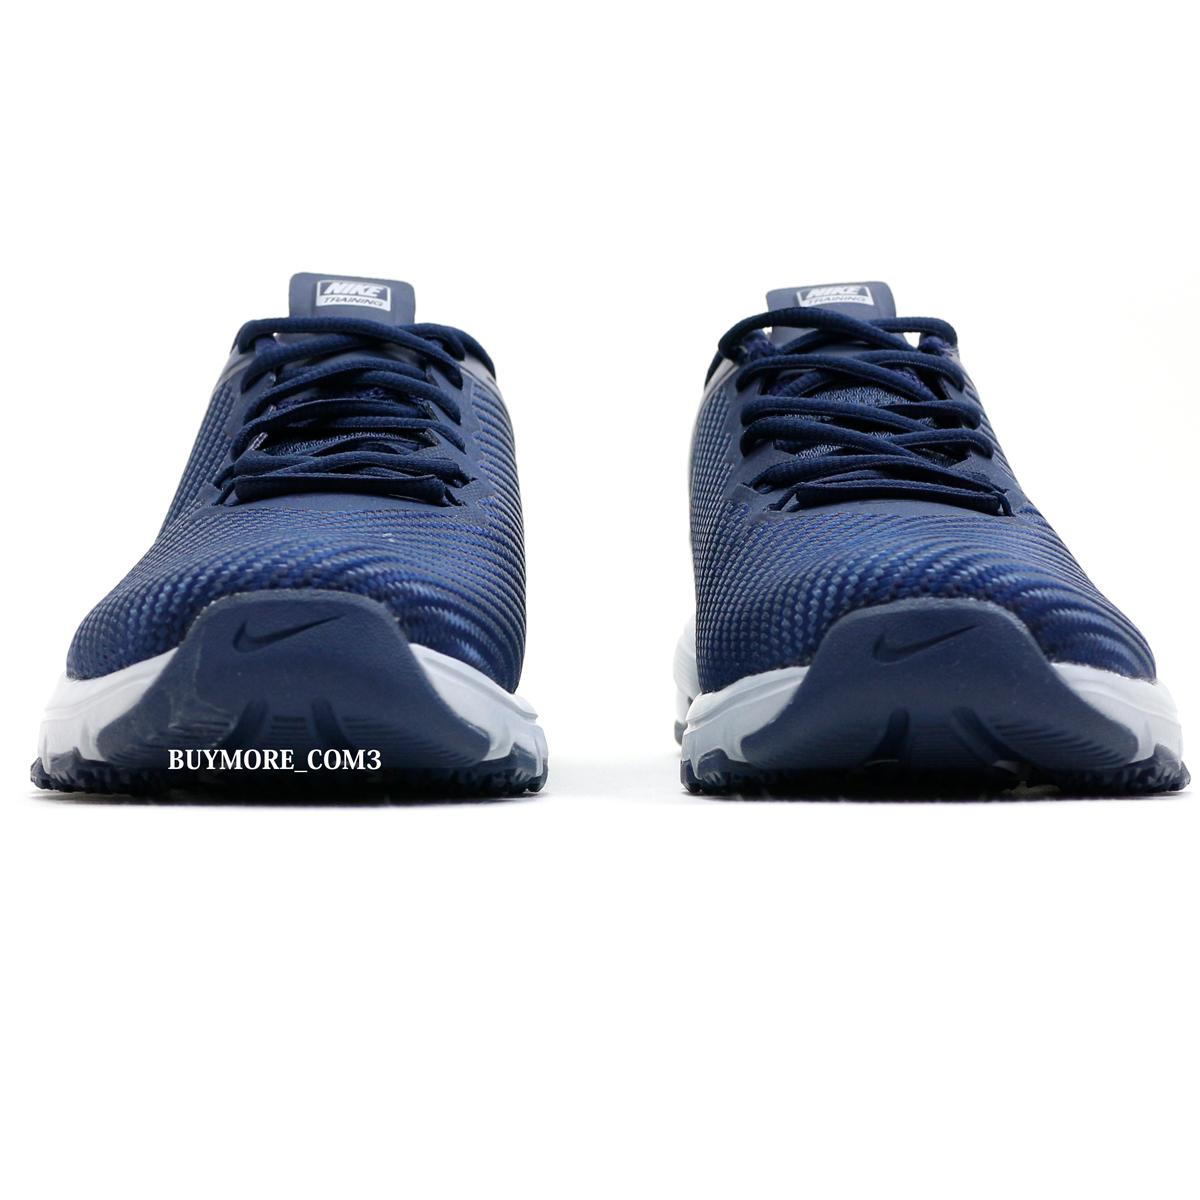 新品 Nike Air Max Full Ride TR 1.5 ナイキ エア マックス フル ライド TR 1.5 スニーカー 28㎝ ネイビーカモ 869633-401 ◆QZ014_画像4